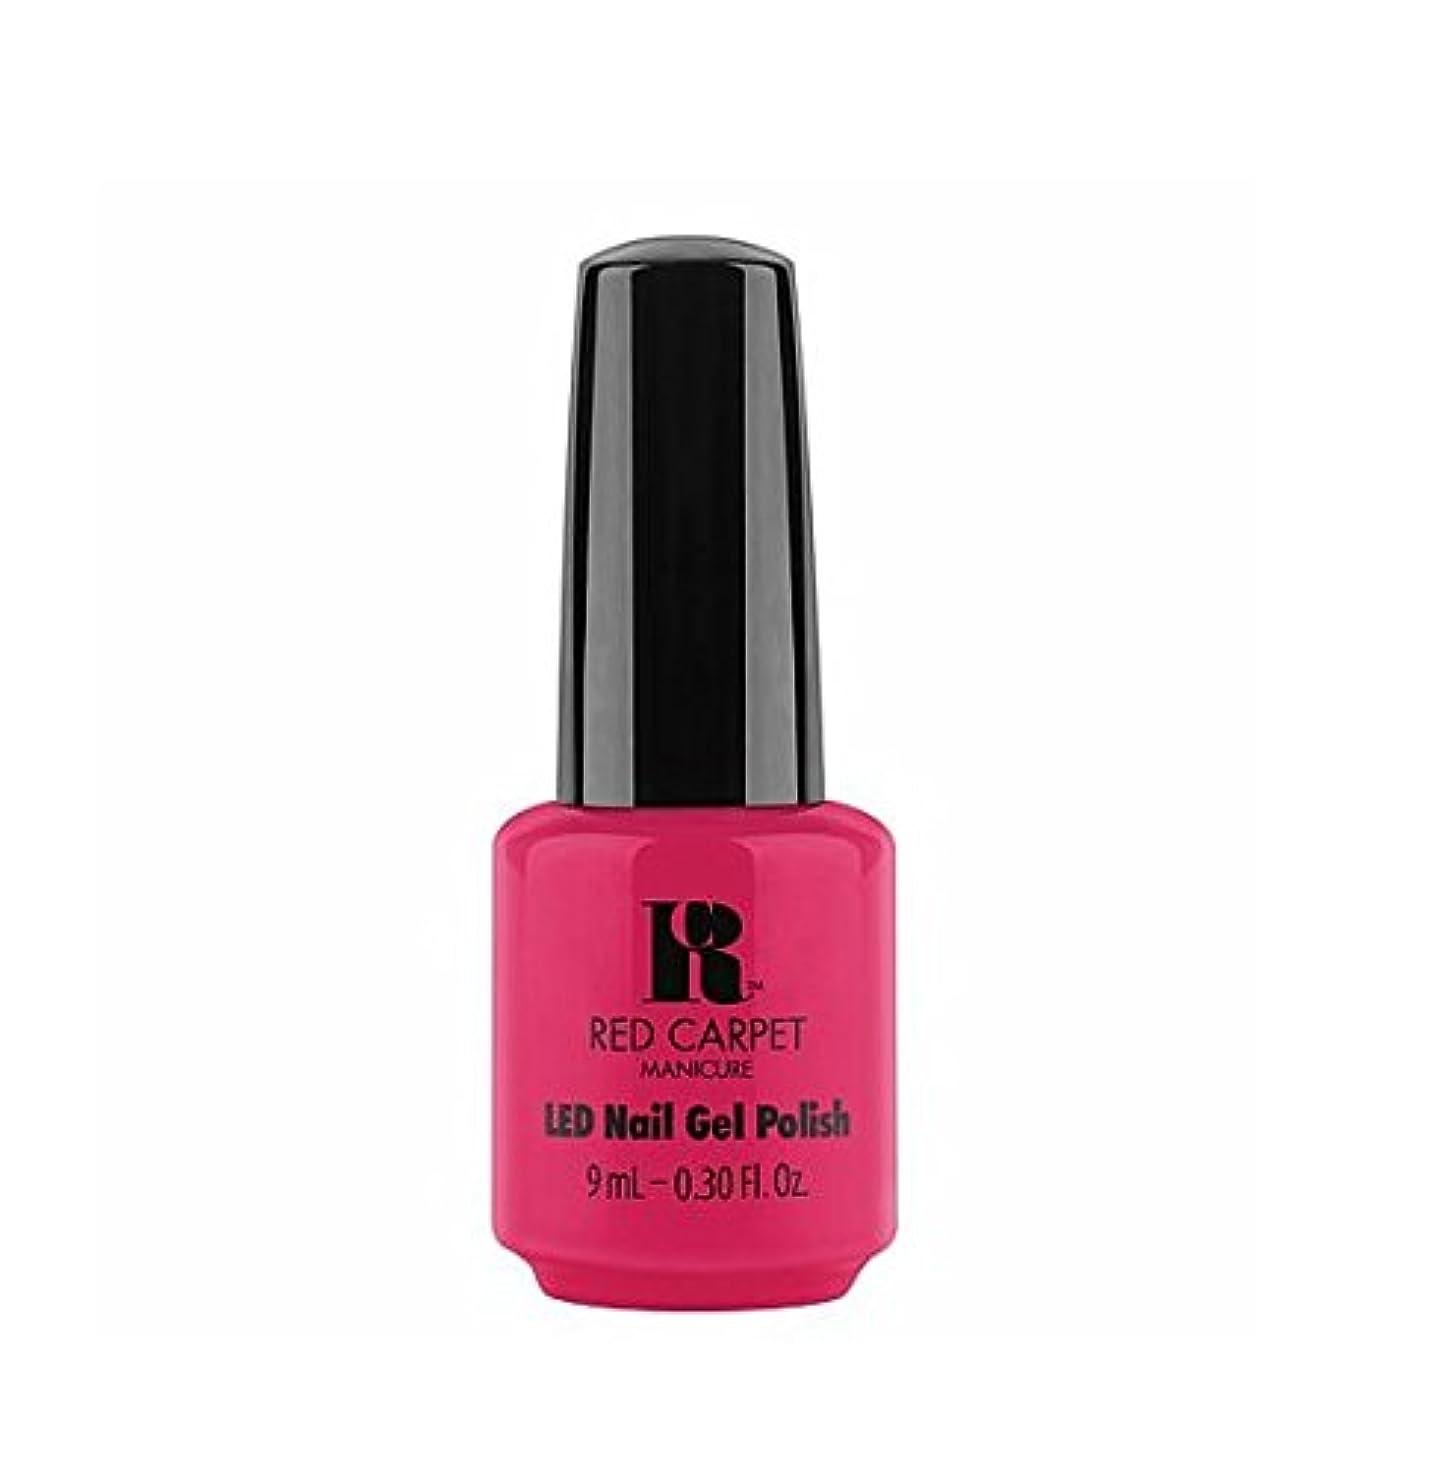 Red Carpet Manicure LED Gel Polish - Shot Caller - 9 ml/0.30 oz